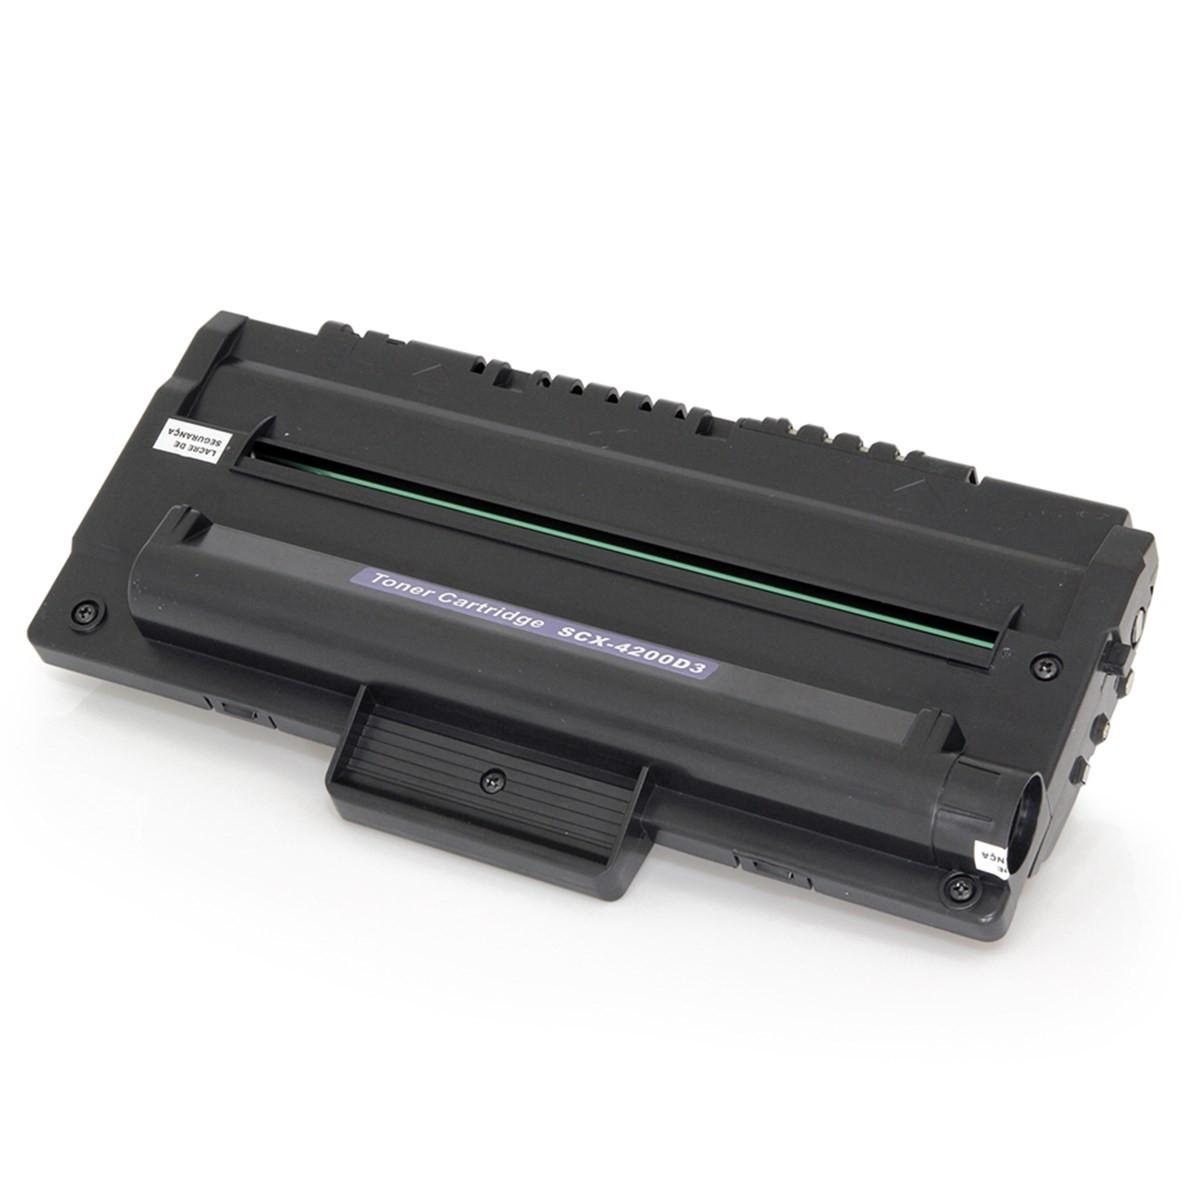 Toner Compatível com Xerox 3119 WC3119 | 013R00625 | Importado 2.5k